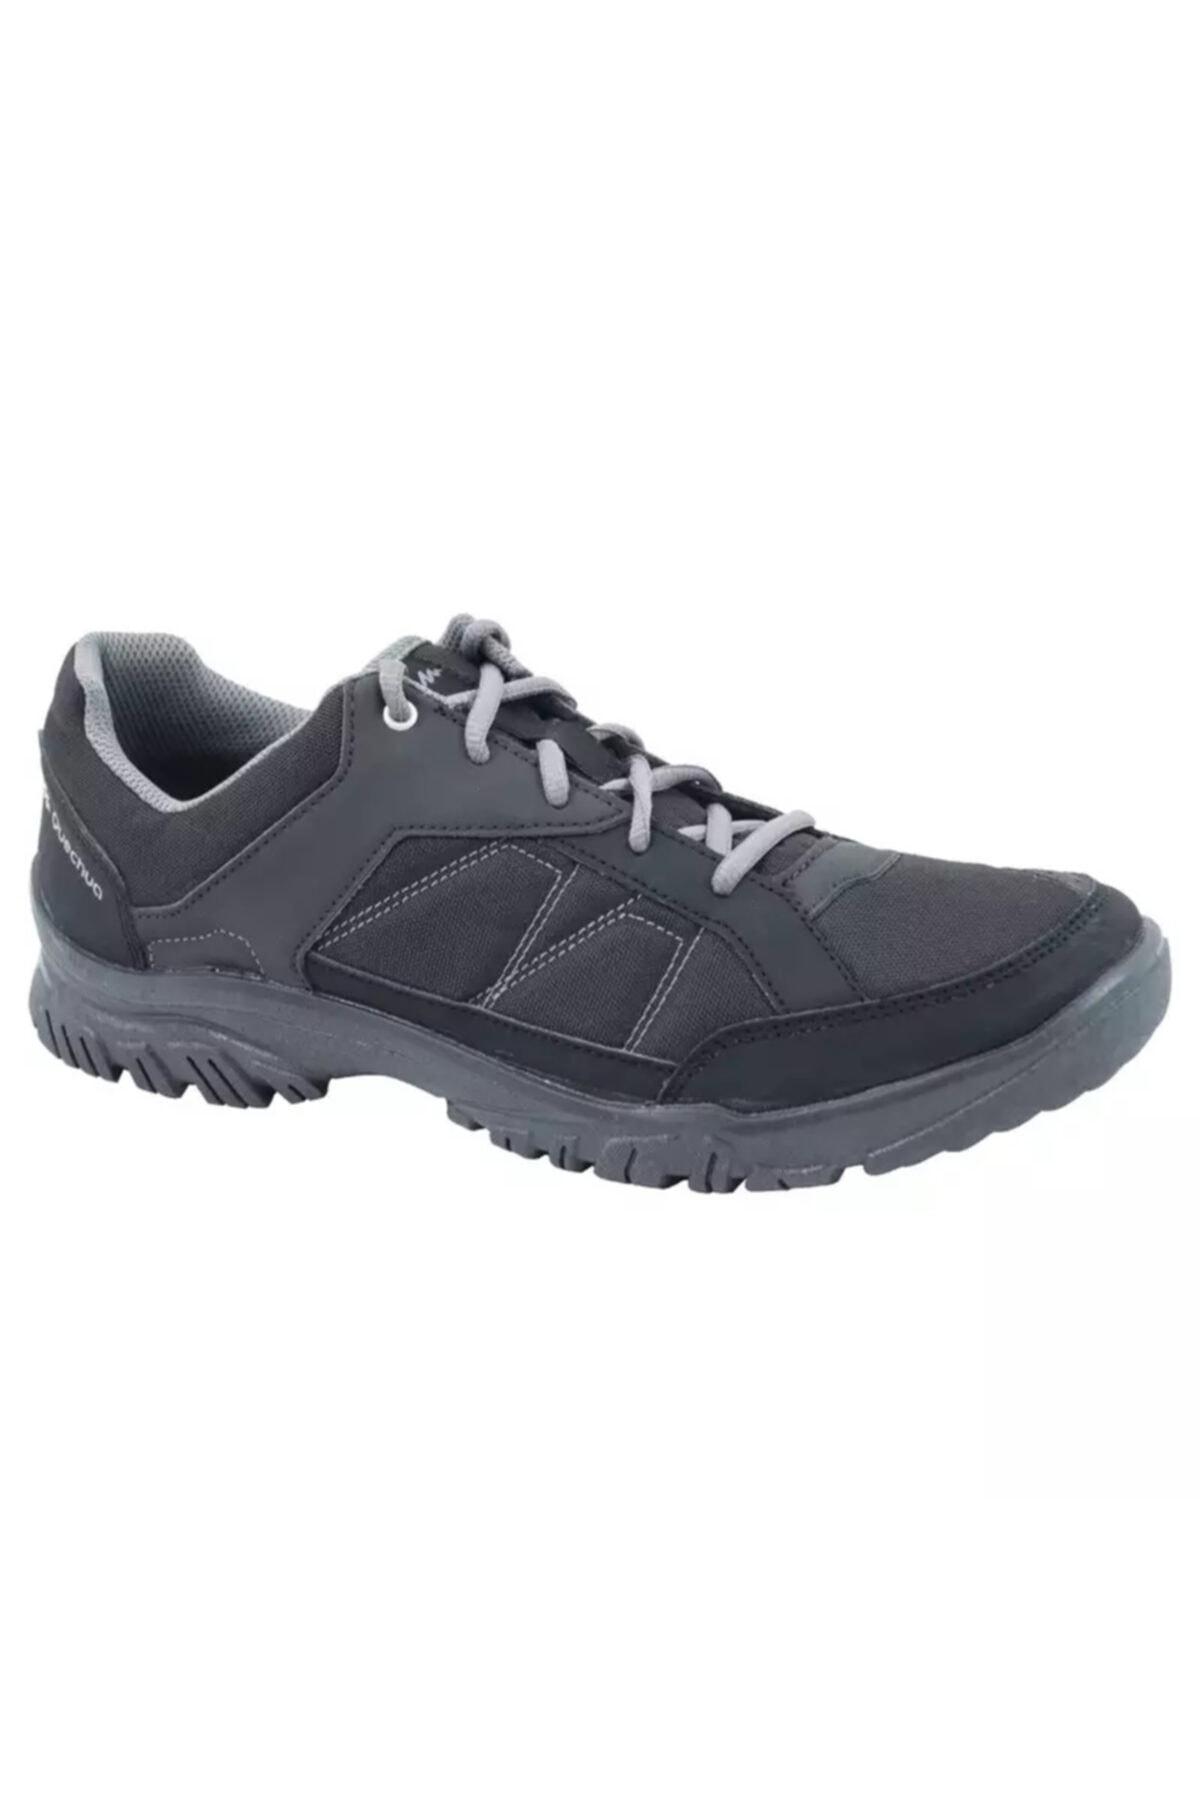 Erkek Outdoor Dağcı Doğa Yürüyüş Ayakkabısı